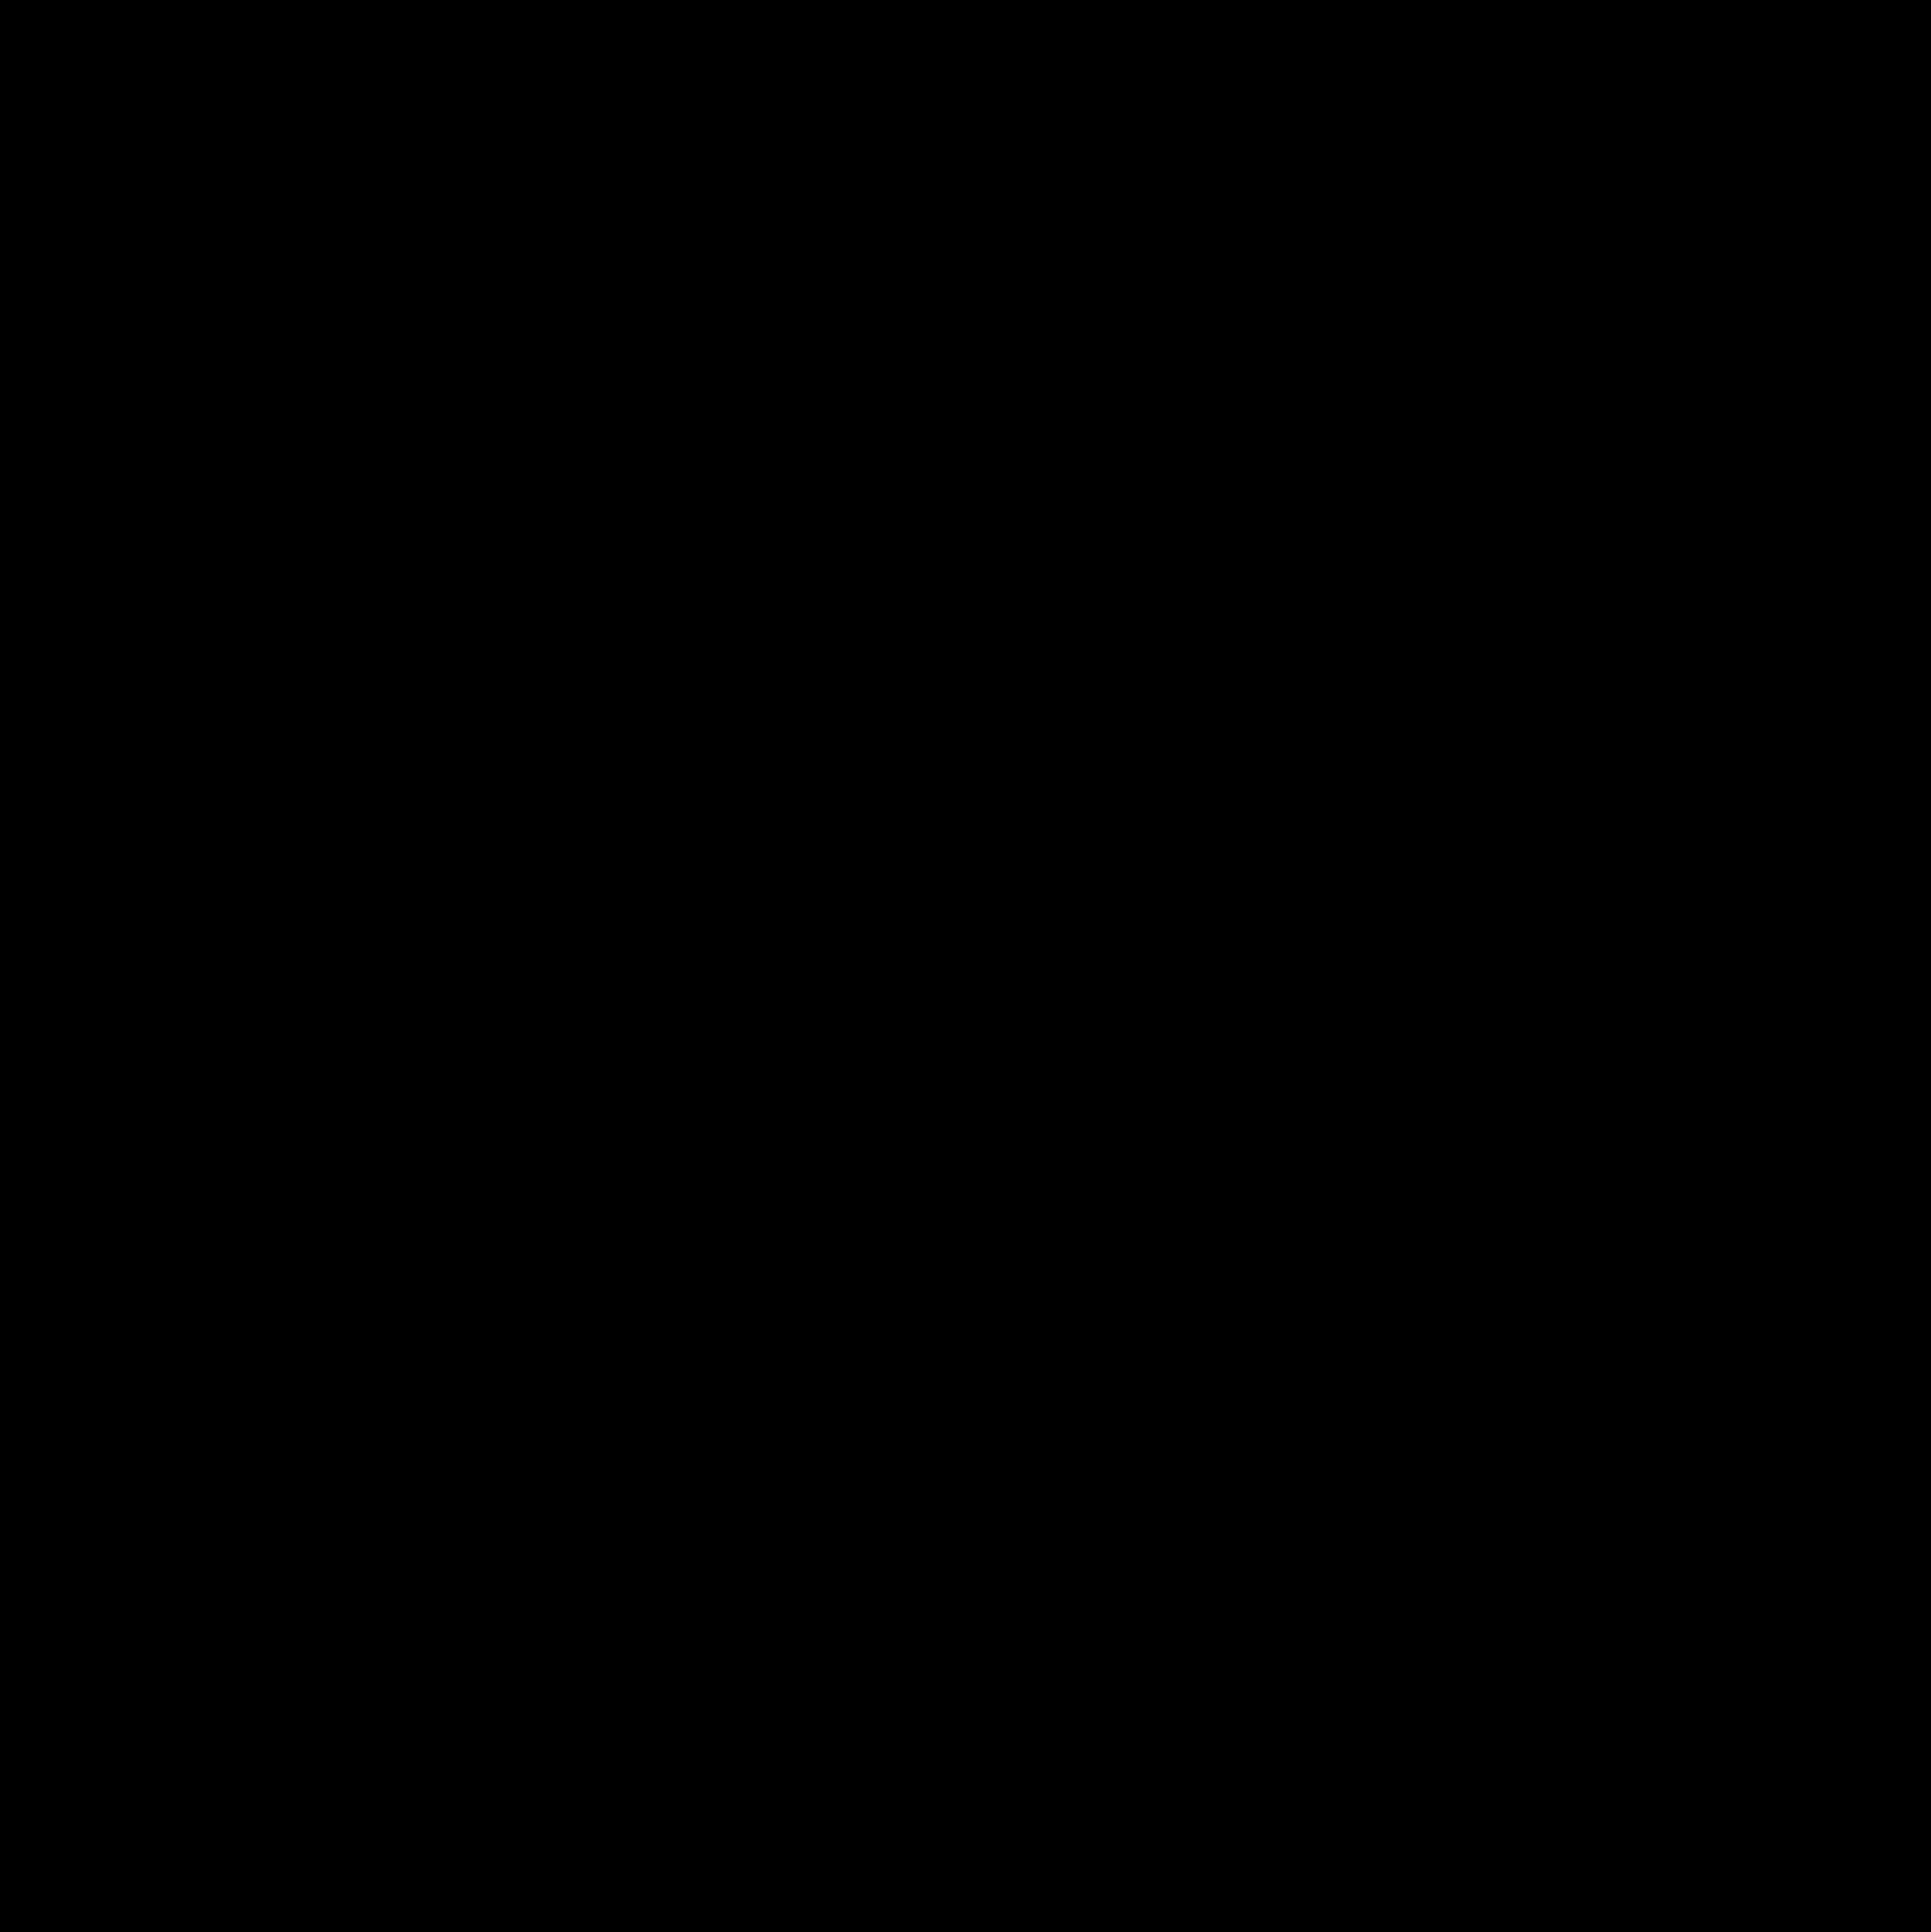 logo-garden-06.png